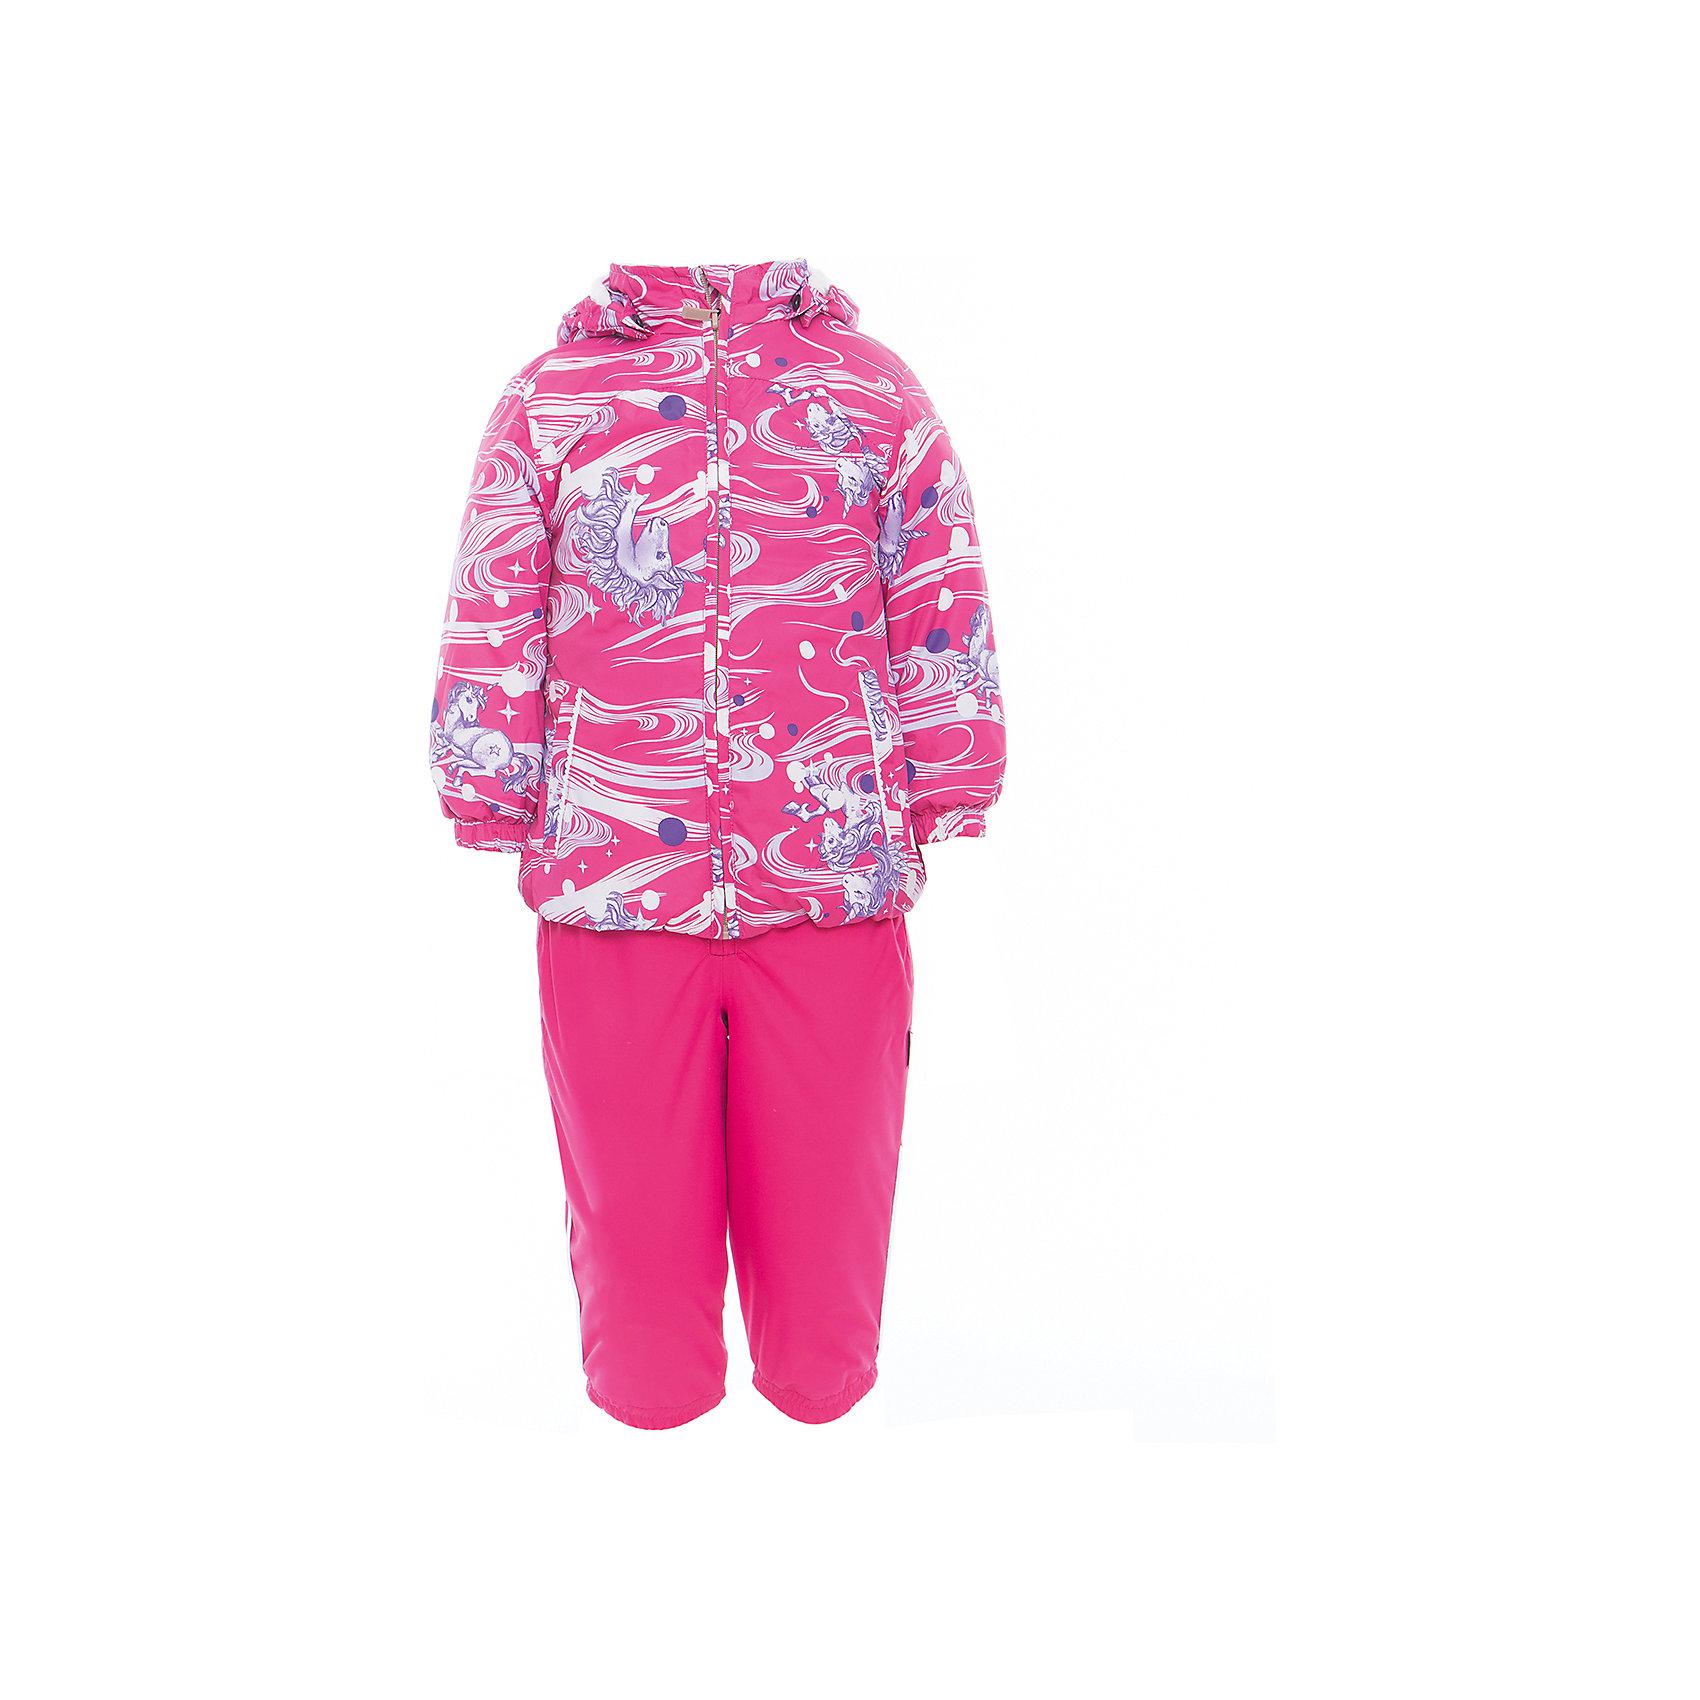 Комплект: куртка и полукомбинезон для девочки CLARA HuppaКомплекты<br>Характеристики товара:<br><br>• цвет: фуксия принт/фуксия<br>• комплектация: куртка и полукомбинезон <br>• ткань: 100% полиэстер<br>• подкладка: Coral-fleece смесь хлопка и полиэстера, в рукавах - тафта 100% полиэстер<br>• утеплитель: 100% полиэстер; куртка 100 г, полукомбинезон 40 г<br>• температурный режим: от -5°С до +10°С<br>• водонепроницаемость: верх - 5000 мм, низ - 10000 мм<br>• воздухопроницаемость: верх - 5000 мм, низ - 10000 мм<br>• светоотражающие детали<br>• шов сидения проклеен<br>• съёмный капюшон с резинкой<br>• эластичные манжеты на рукавах<br>• манжеты брюк с резинкой<br>• съёмные эластичные штрипки<br>• без внутренних швов<br>• резиновые подтяжки<br>• коллекция: весна-лето 2017<br>• страна бренда: Эстония<br><br>Такой модный демисезонный комплект  обеспечит детям тепло и комфорт. Он сделан из материала, отталкивающего воду, и дополнен подкладкой с утеплителем, поэтому изделие идеально подходит для межсезонья. Материал изделий - с мембранной технологией: защищая от влаги и ветра, он легко выводит лишнюю влагу наружу. Комплект очень симпатично смотрится. <br><br>Одежда и обувь от популярного эстонского бренда Huppa - отличный вариант одеть ребенка можно и комфортно. Вещи, выпускаемые компанией, качественные, продуманные и очень удобные. Для производства изделий используются только безопасные для детей материалы. Продукция от Huppa порадует и детей, и их родителей!<br><br>Комплект: куртка и полукомбинезон CLARA от бренда Huppa (Хуппа) можно купить в нашем интернет-магазине.<br><br>Ширина мм: 356<br>Глубина мм: 10<br>Высота мм: 245<br>Вес г: 519<br>Цвет: лиловый<br>Возраст от месяцев: 12<br>Возраст до месяцев: 15<br>Пол: Женский<br>Возраст: Детский<br>Размер: 80,86,92,98,104,110<br>SKU: 5346580